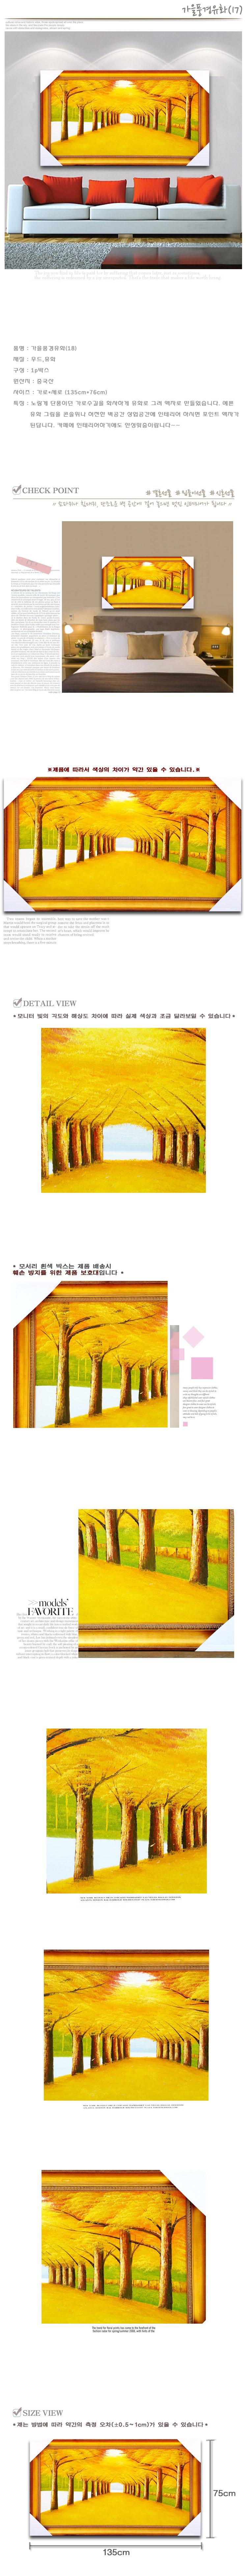 가을풍경유화(17) - 유앤티크, 660,000원, 액자, 벽걸이액자